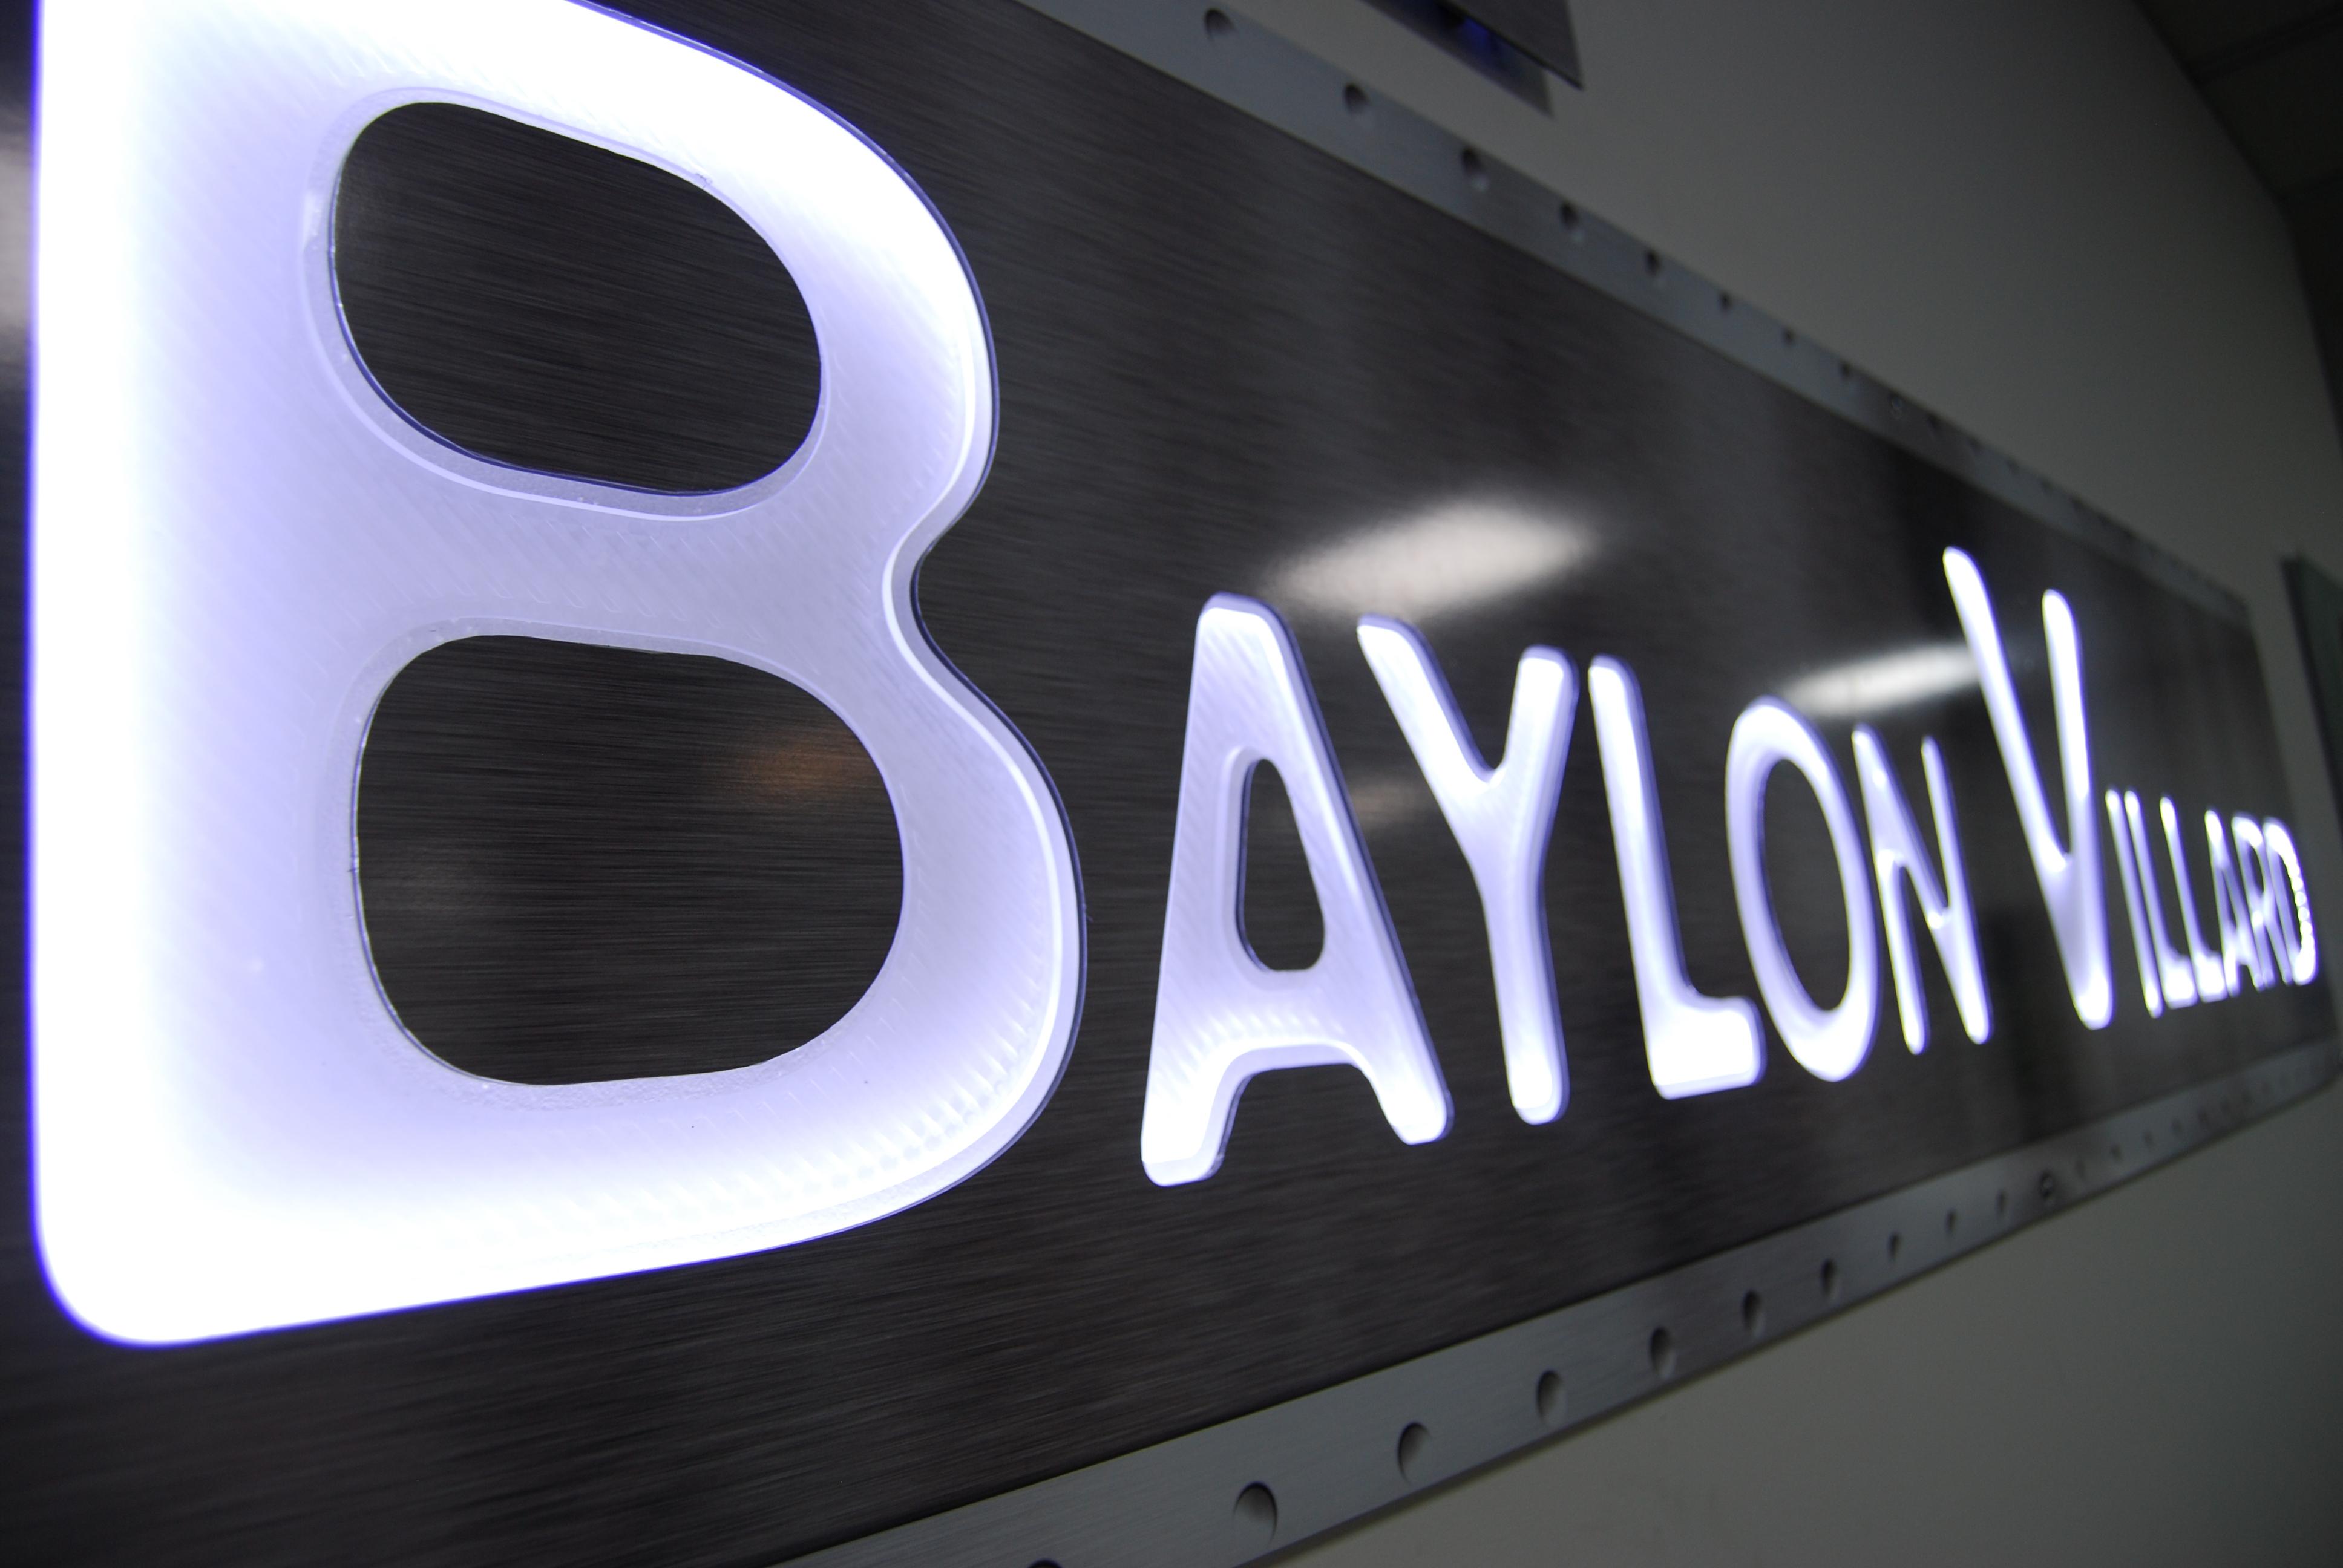 Baylon-Villard Portes ouvertes 2016